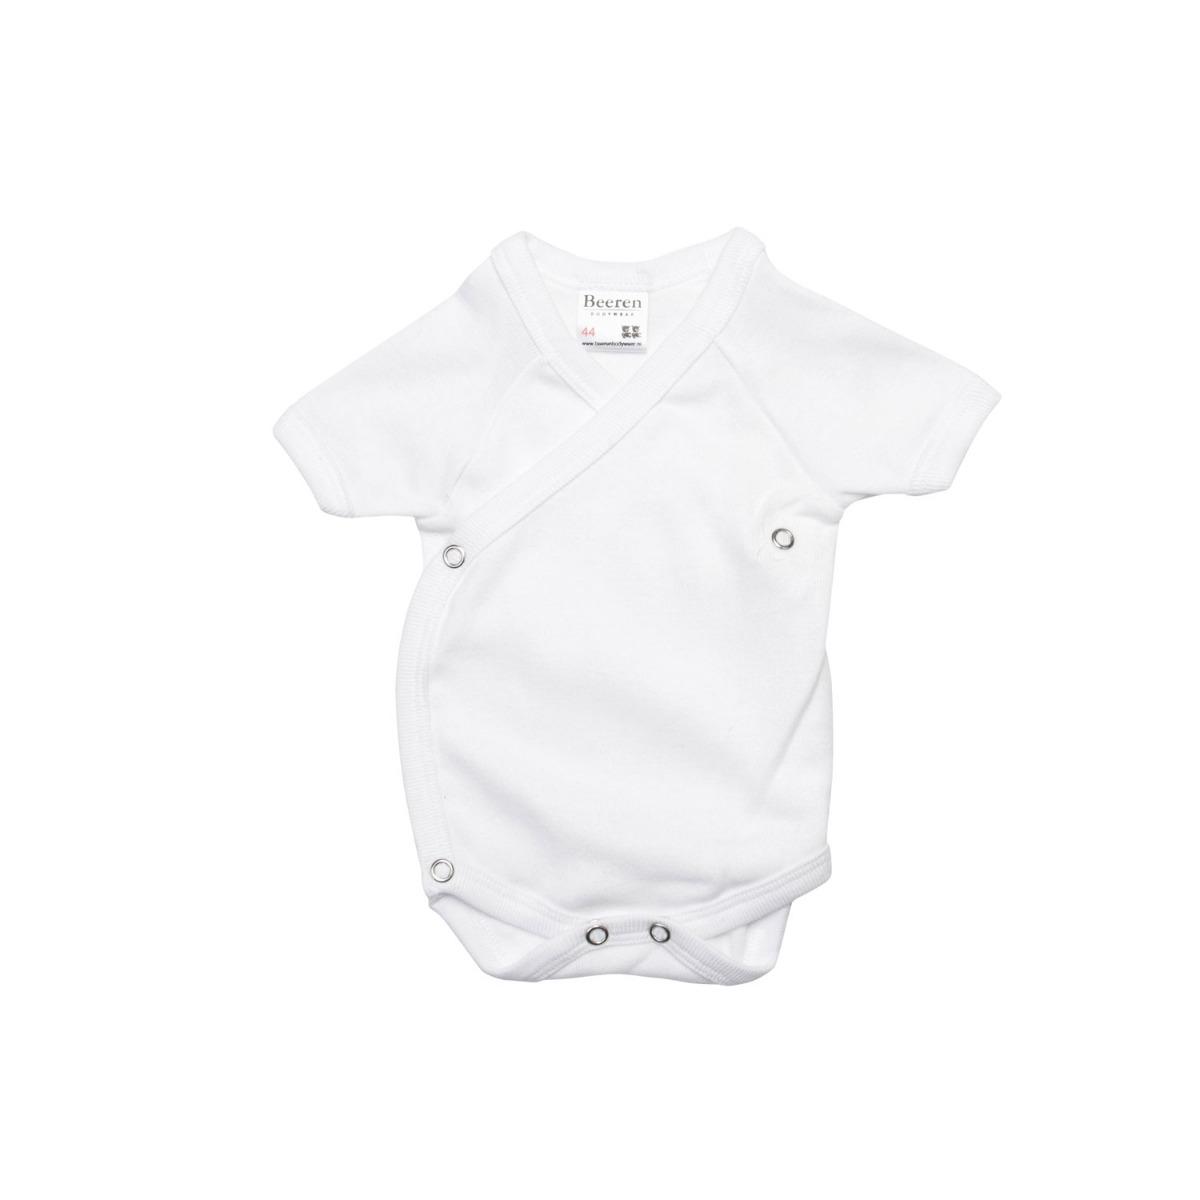 Beeren M3000 Baby Romper Prematuur Wit 44